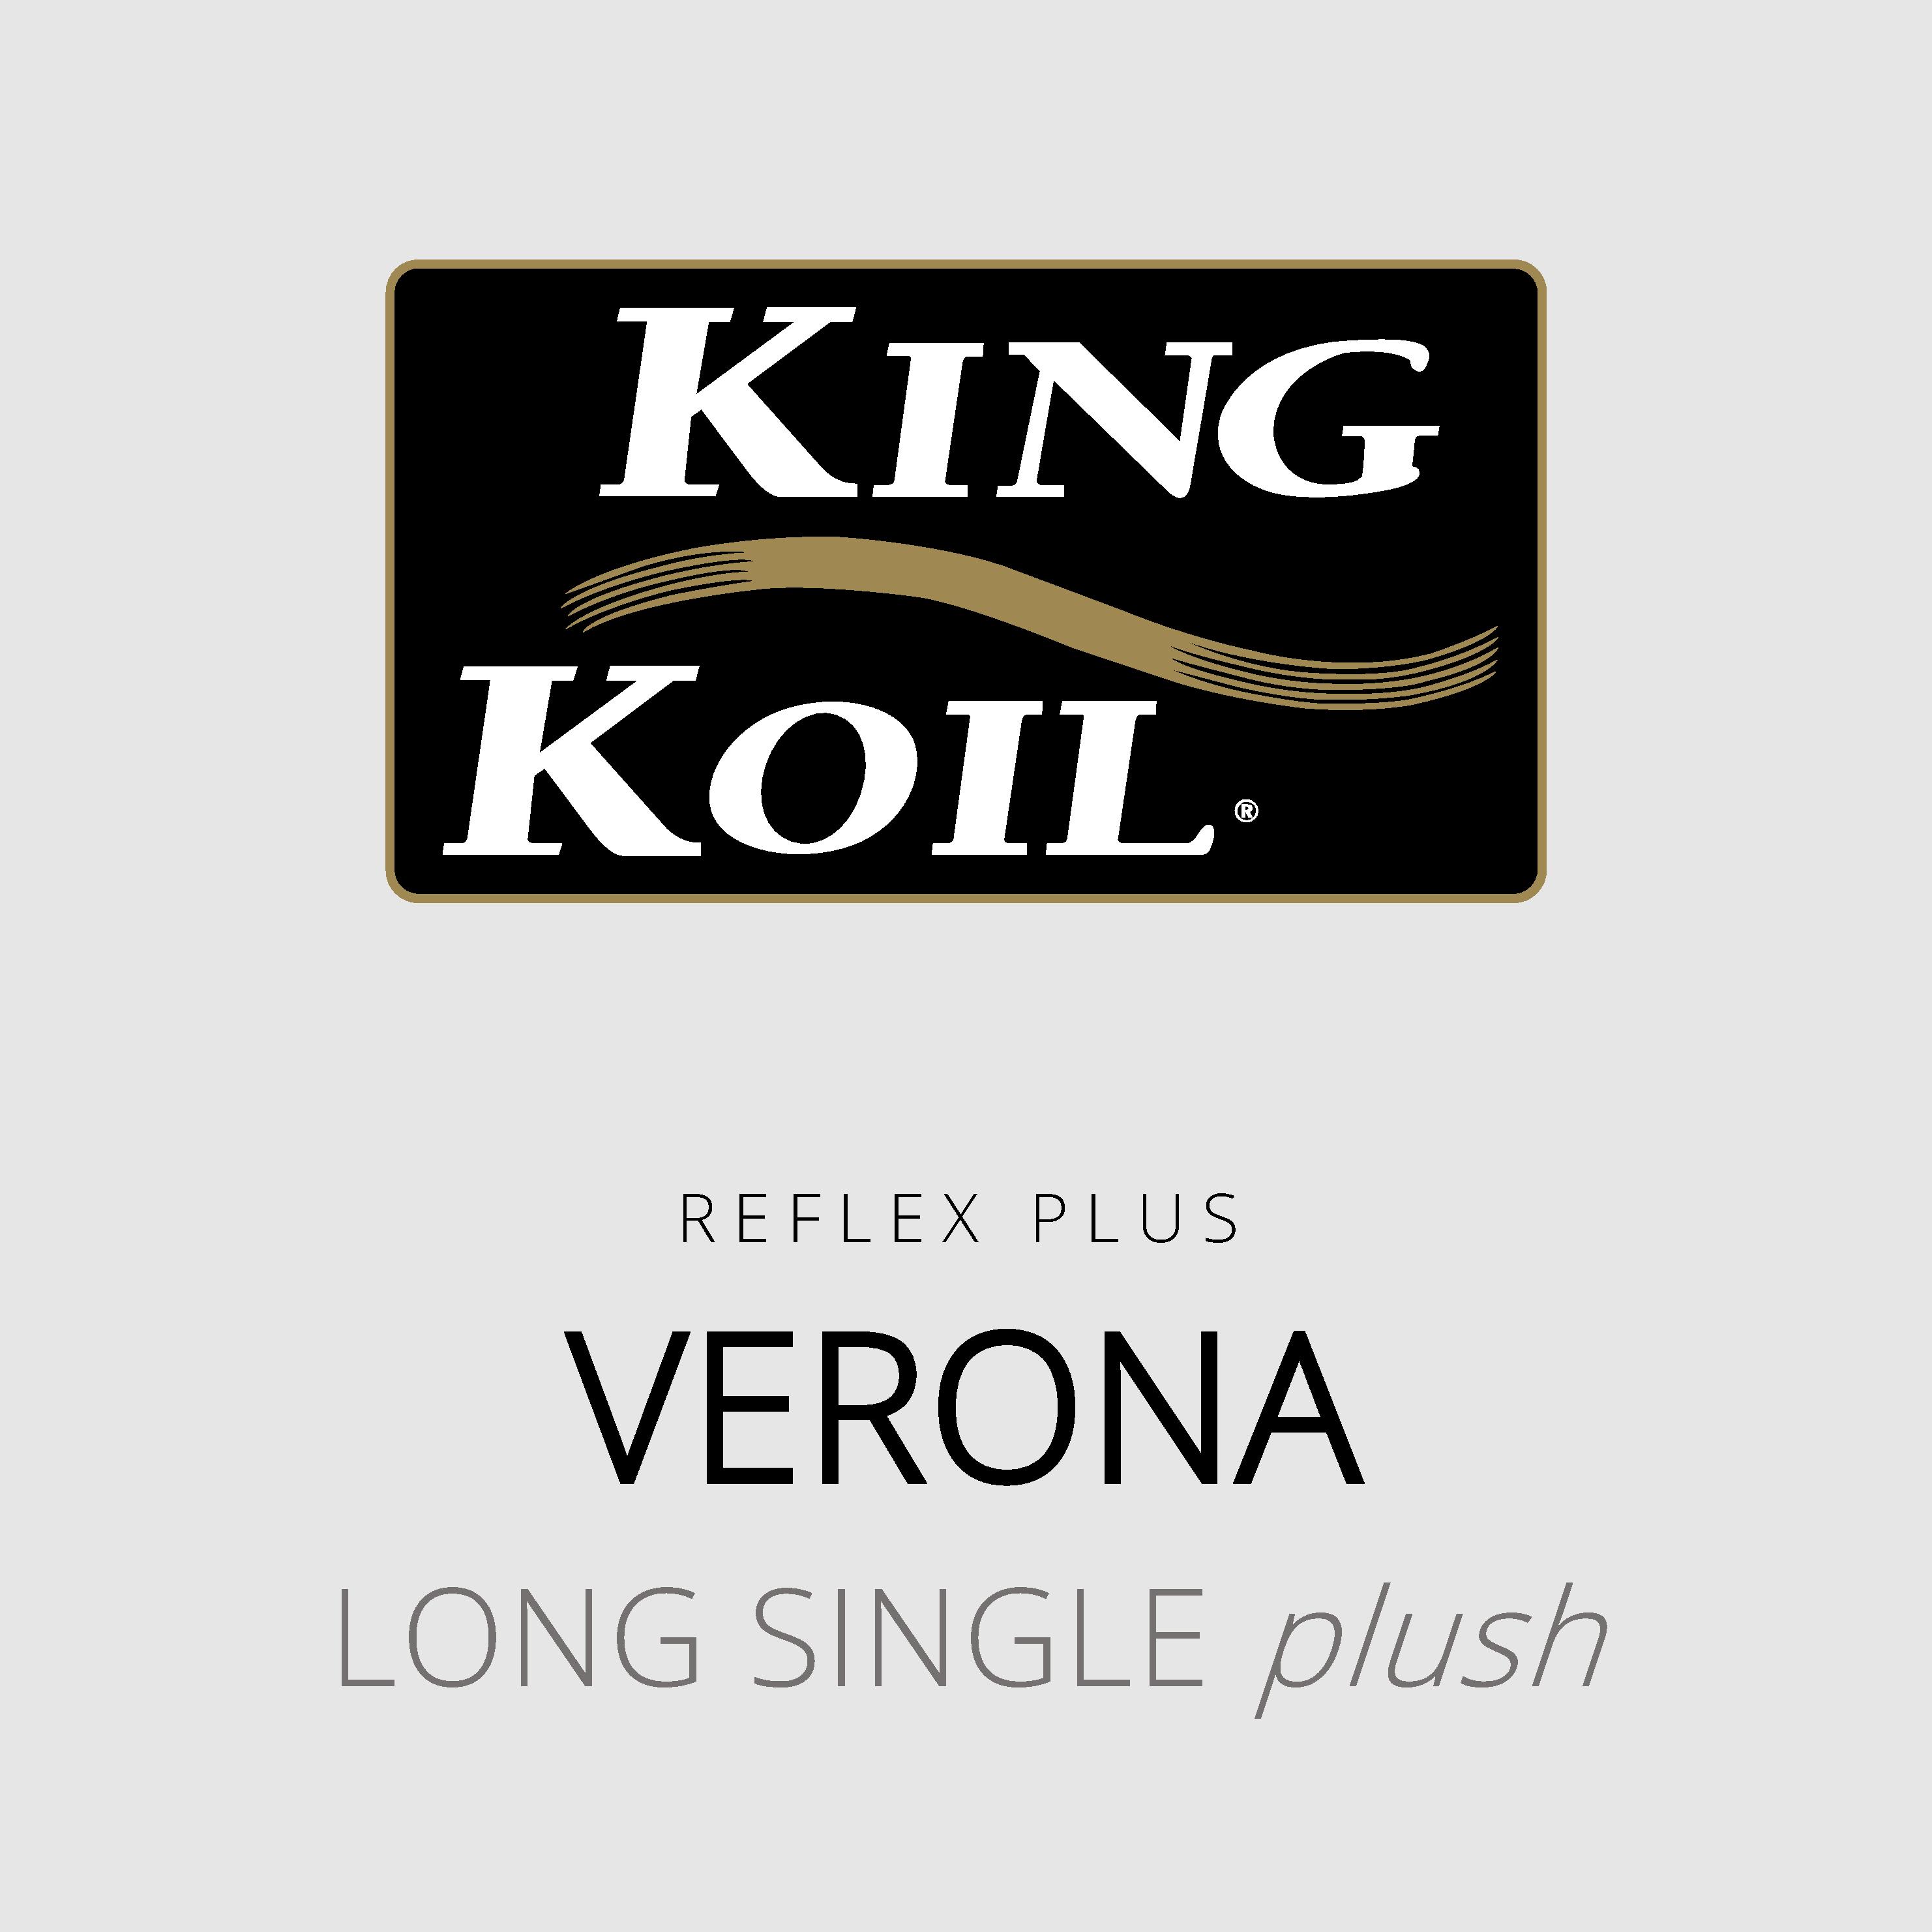 King Koil – Verona – Reflex Plus – Long Single Plush Mattress